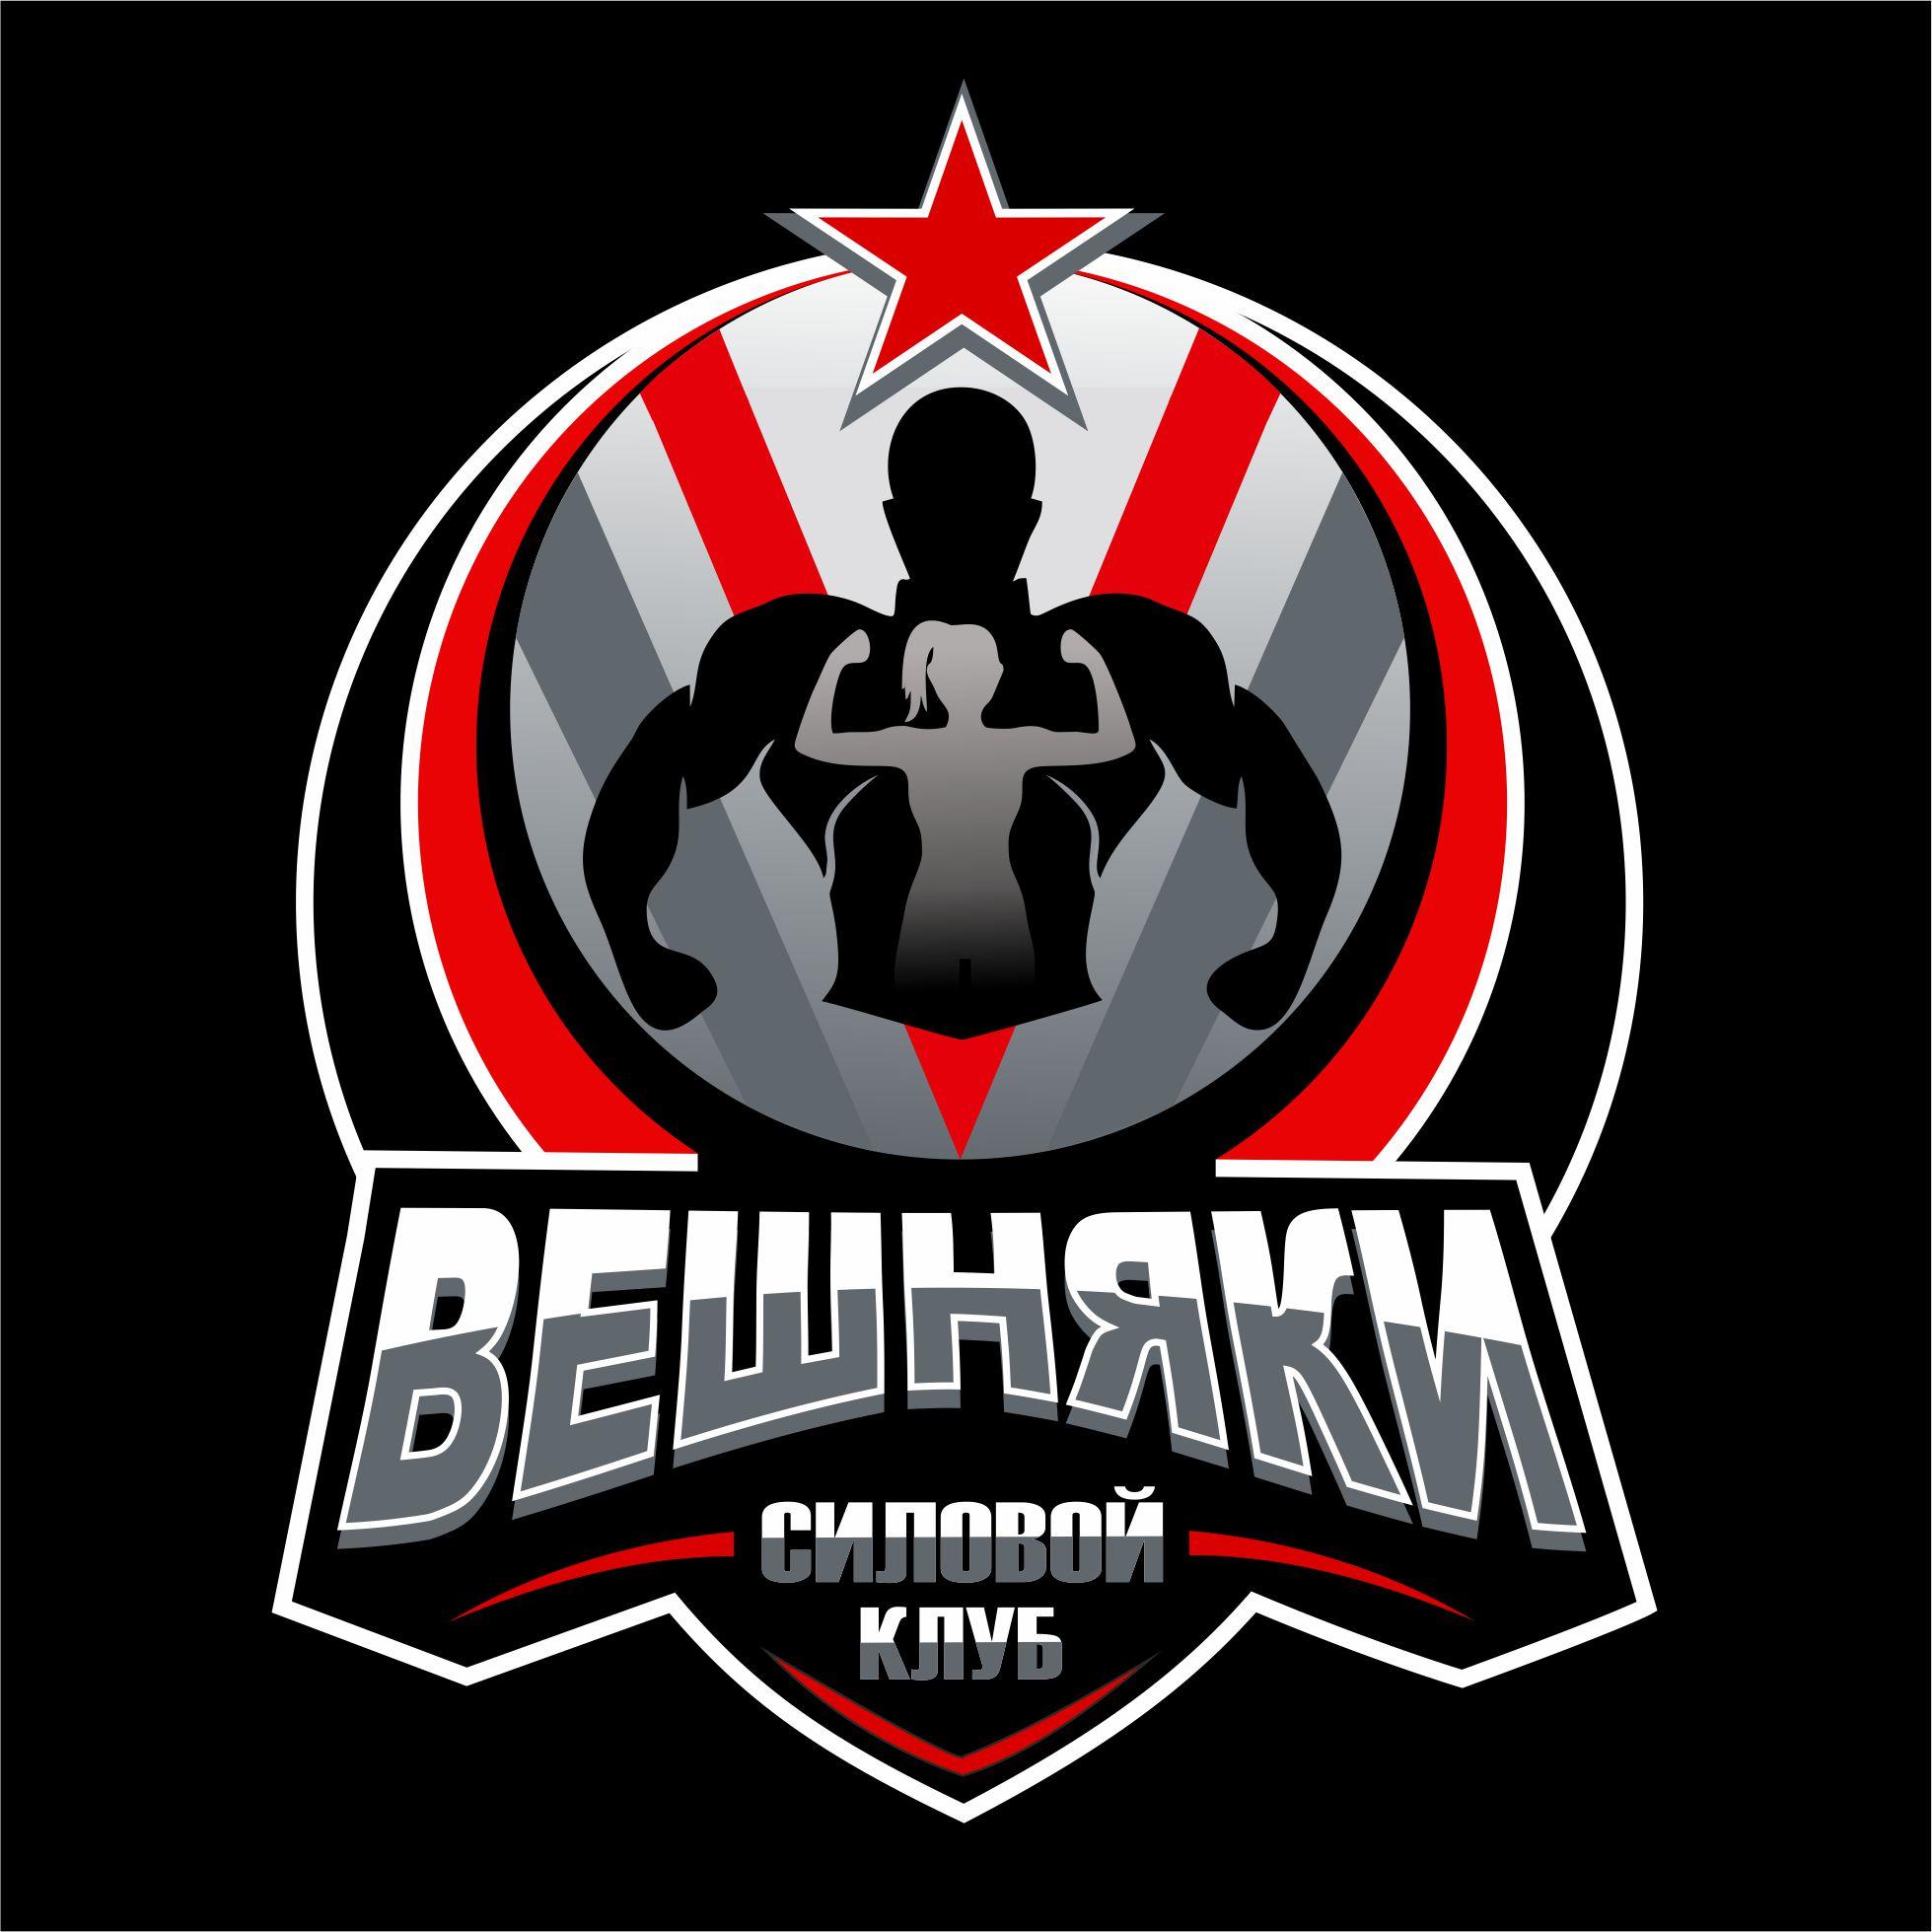 Адаптация (разработка) логотипа Силового клуба ВЕШНЯКИ в инт фото f_8135fbf1f9ba28a2.jpg